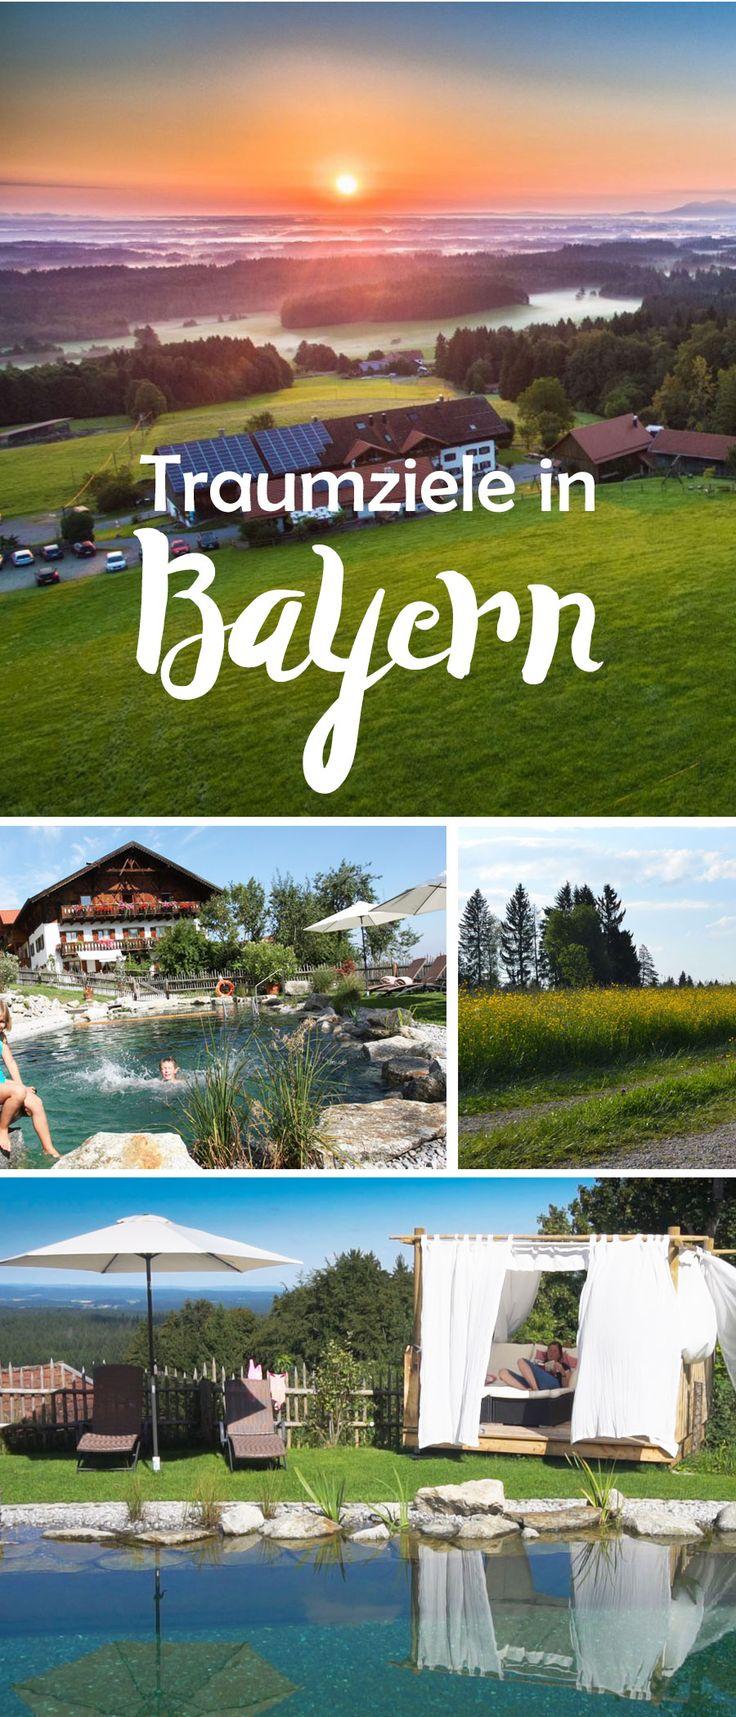 Das grüne Paradies abseits von Lärm und Verkehr mit seinen wunderschönen Aussichten und der vielfältigen Natur bilden eine herrliche Kulisse für unseren ruhig gelegenen Hof. Ein beschaulicher Bauernhof mit glücklichen Kühen und Rindern, die noch auf saftigen Wiesen grasen dürfen. #Bayern #Reisetipps #Inspiration #Insidertipps #Ferien #Urlaub #Wandern #Bauernhöfe #LandSelection